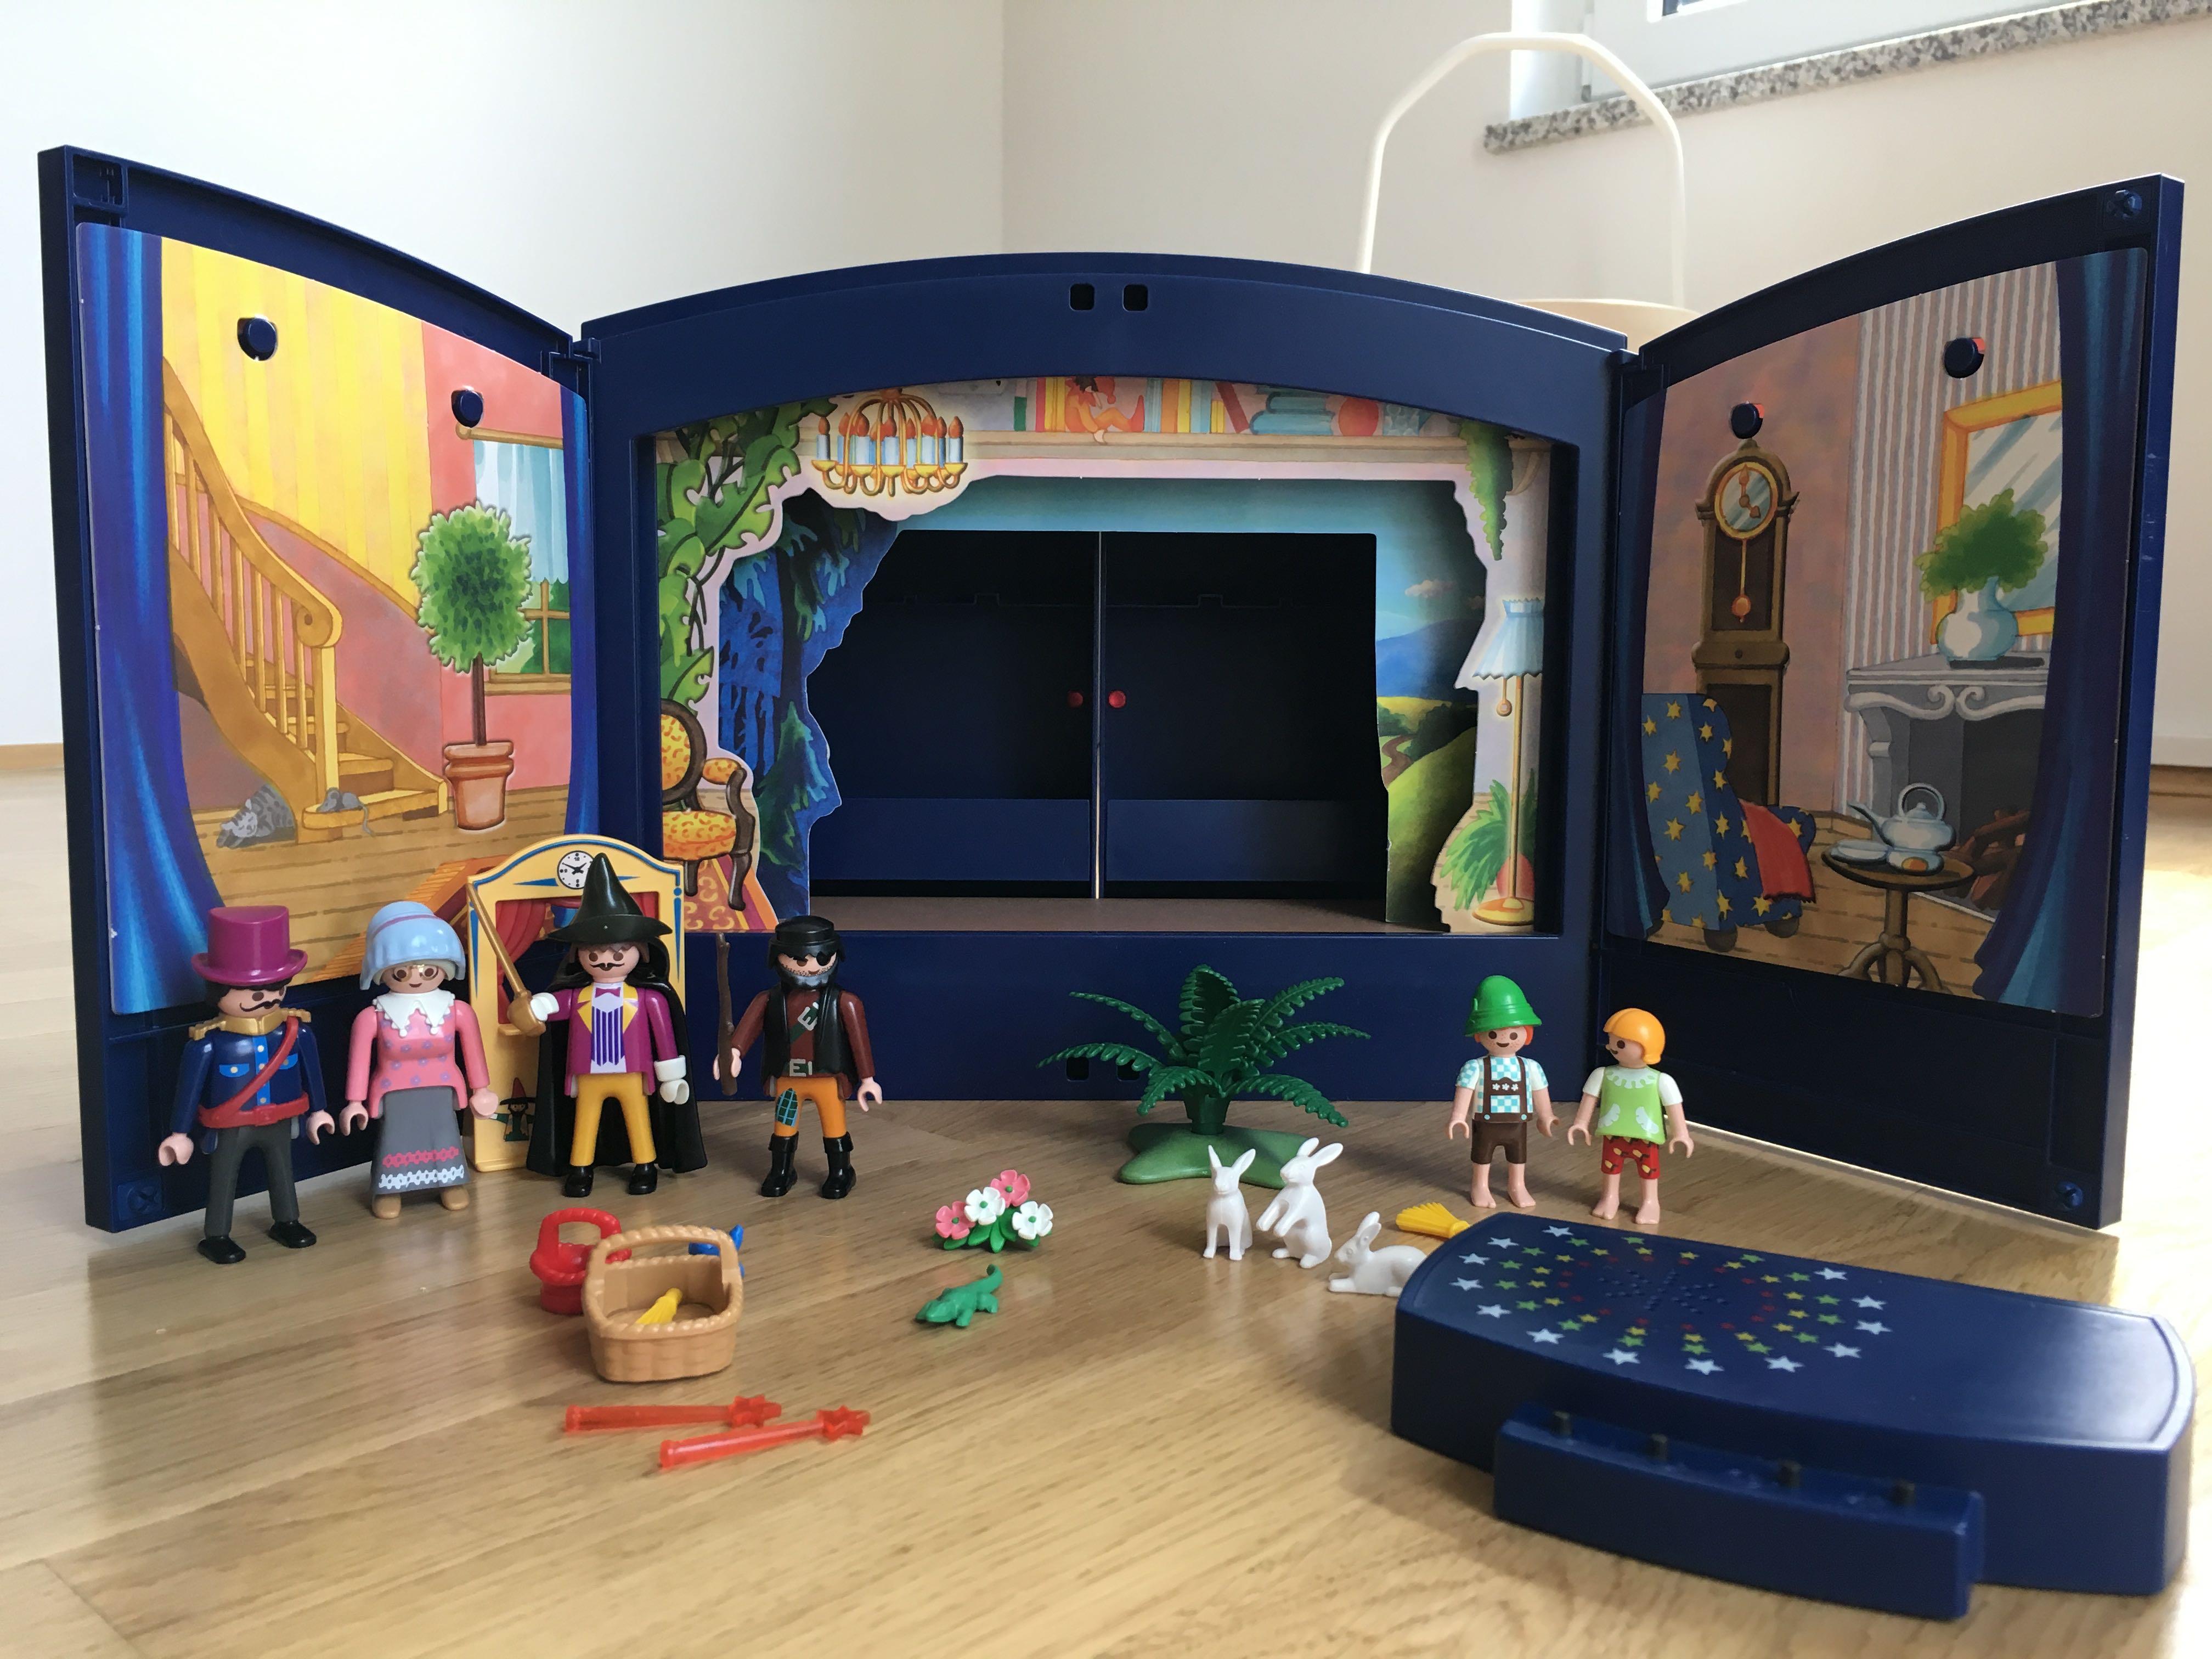 Schlafraubtiere_Lieblingsspielzeug_Spielzeug_Playmobil_Theater7